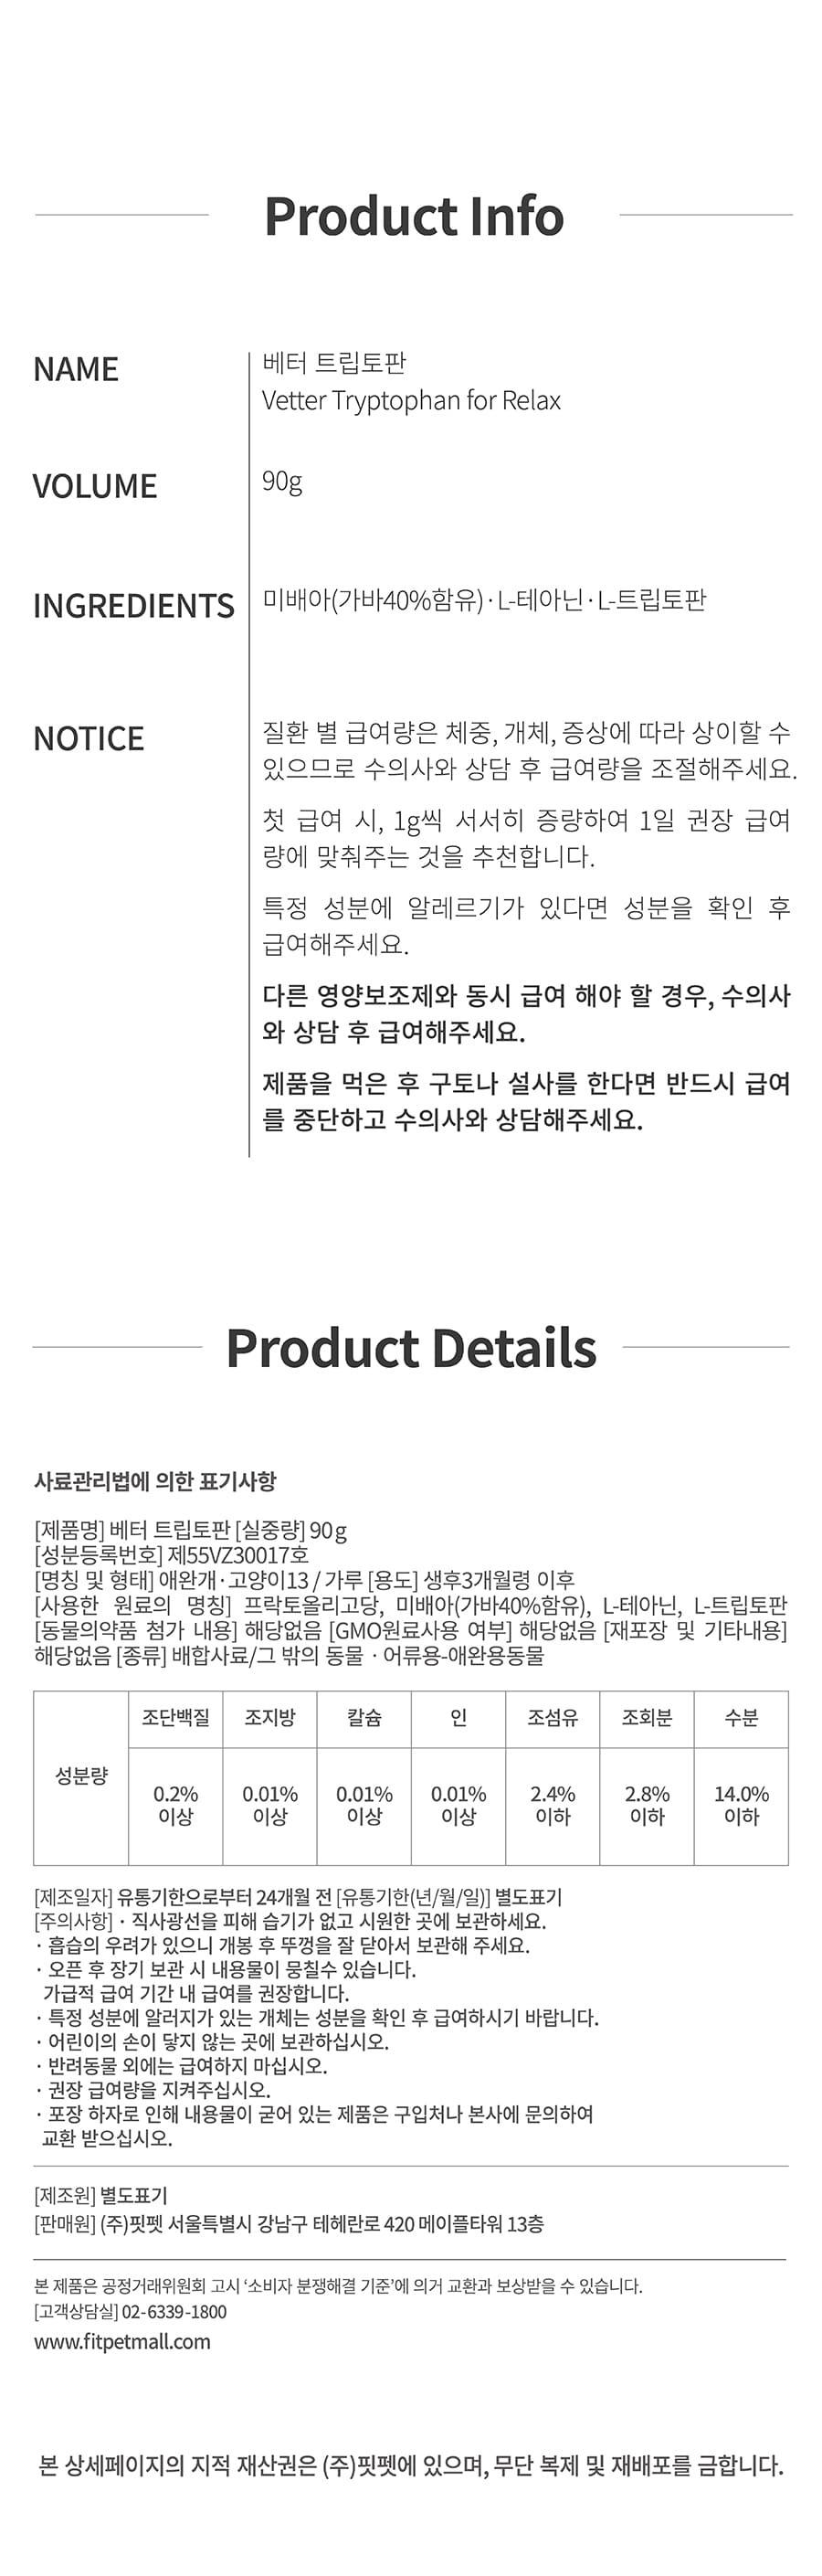 Vetter 댕냥이 영양 파우더 11종 (관절/피부/안정/눈/장/소화)-상품이미지-41